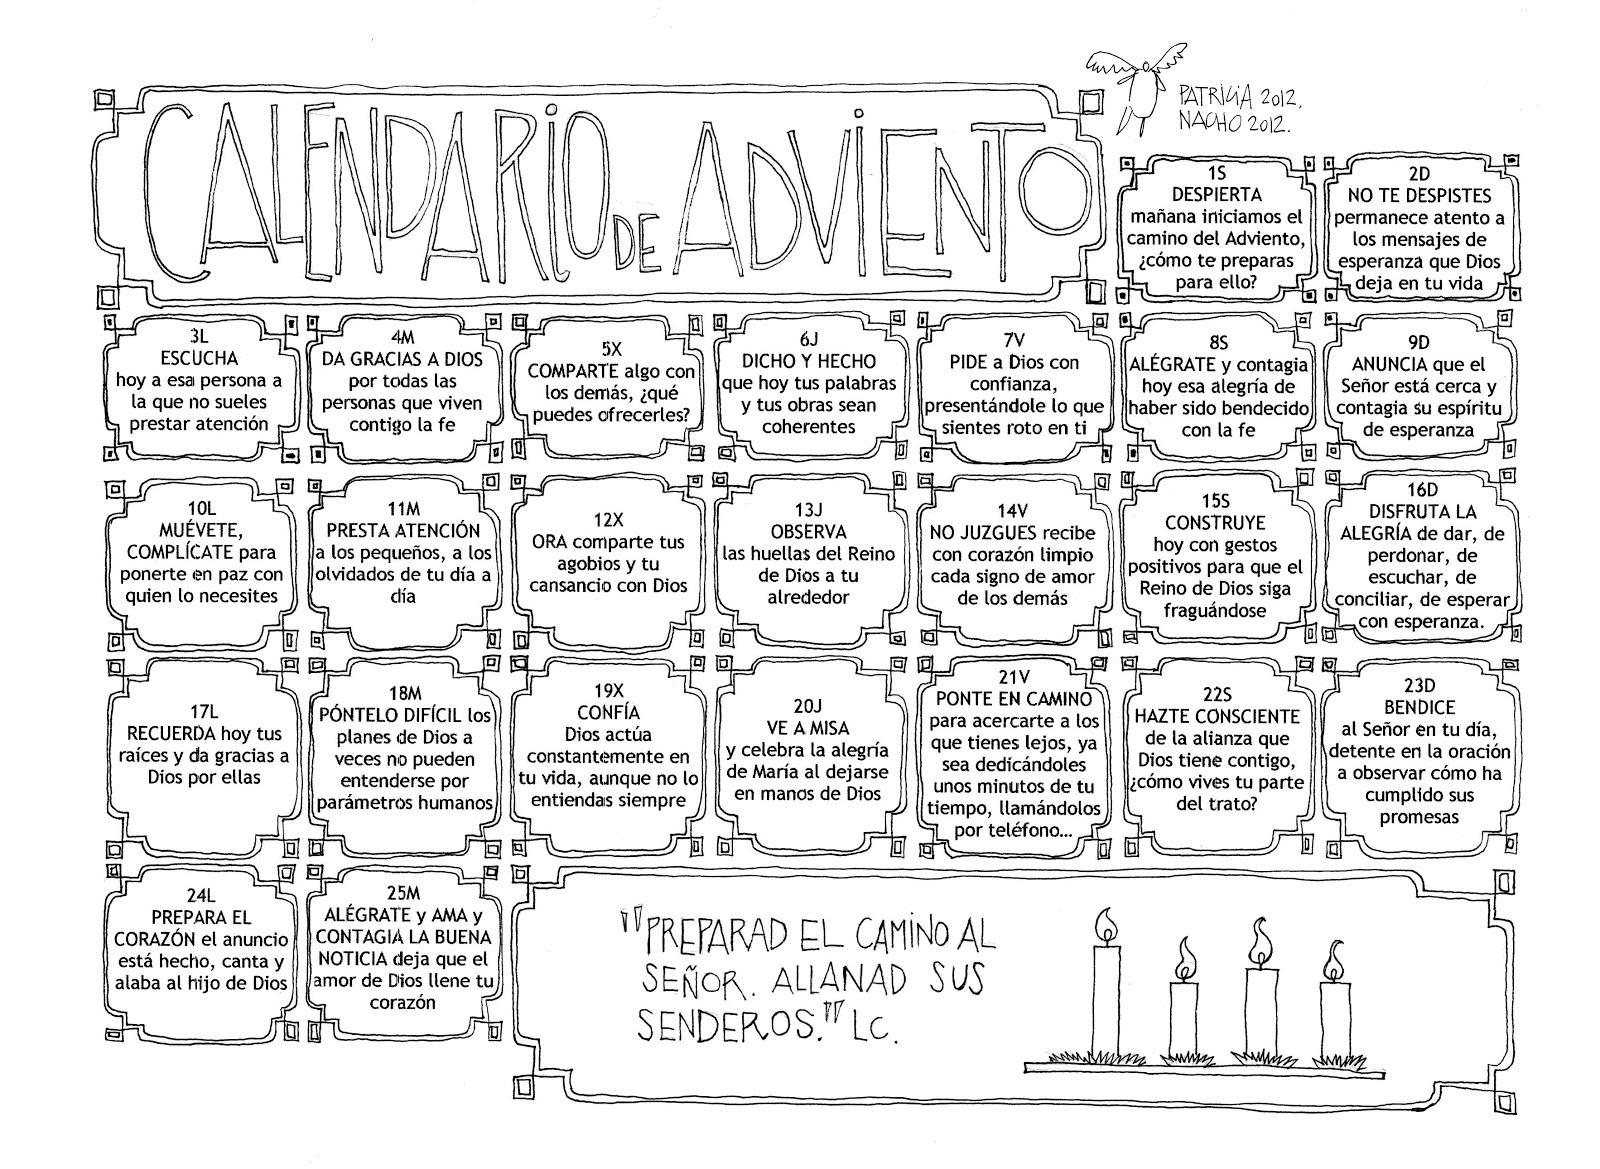 Parroquia la inmaculada calendario de adviento 2012 for Calendario adviento ninos